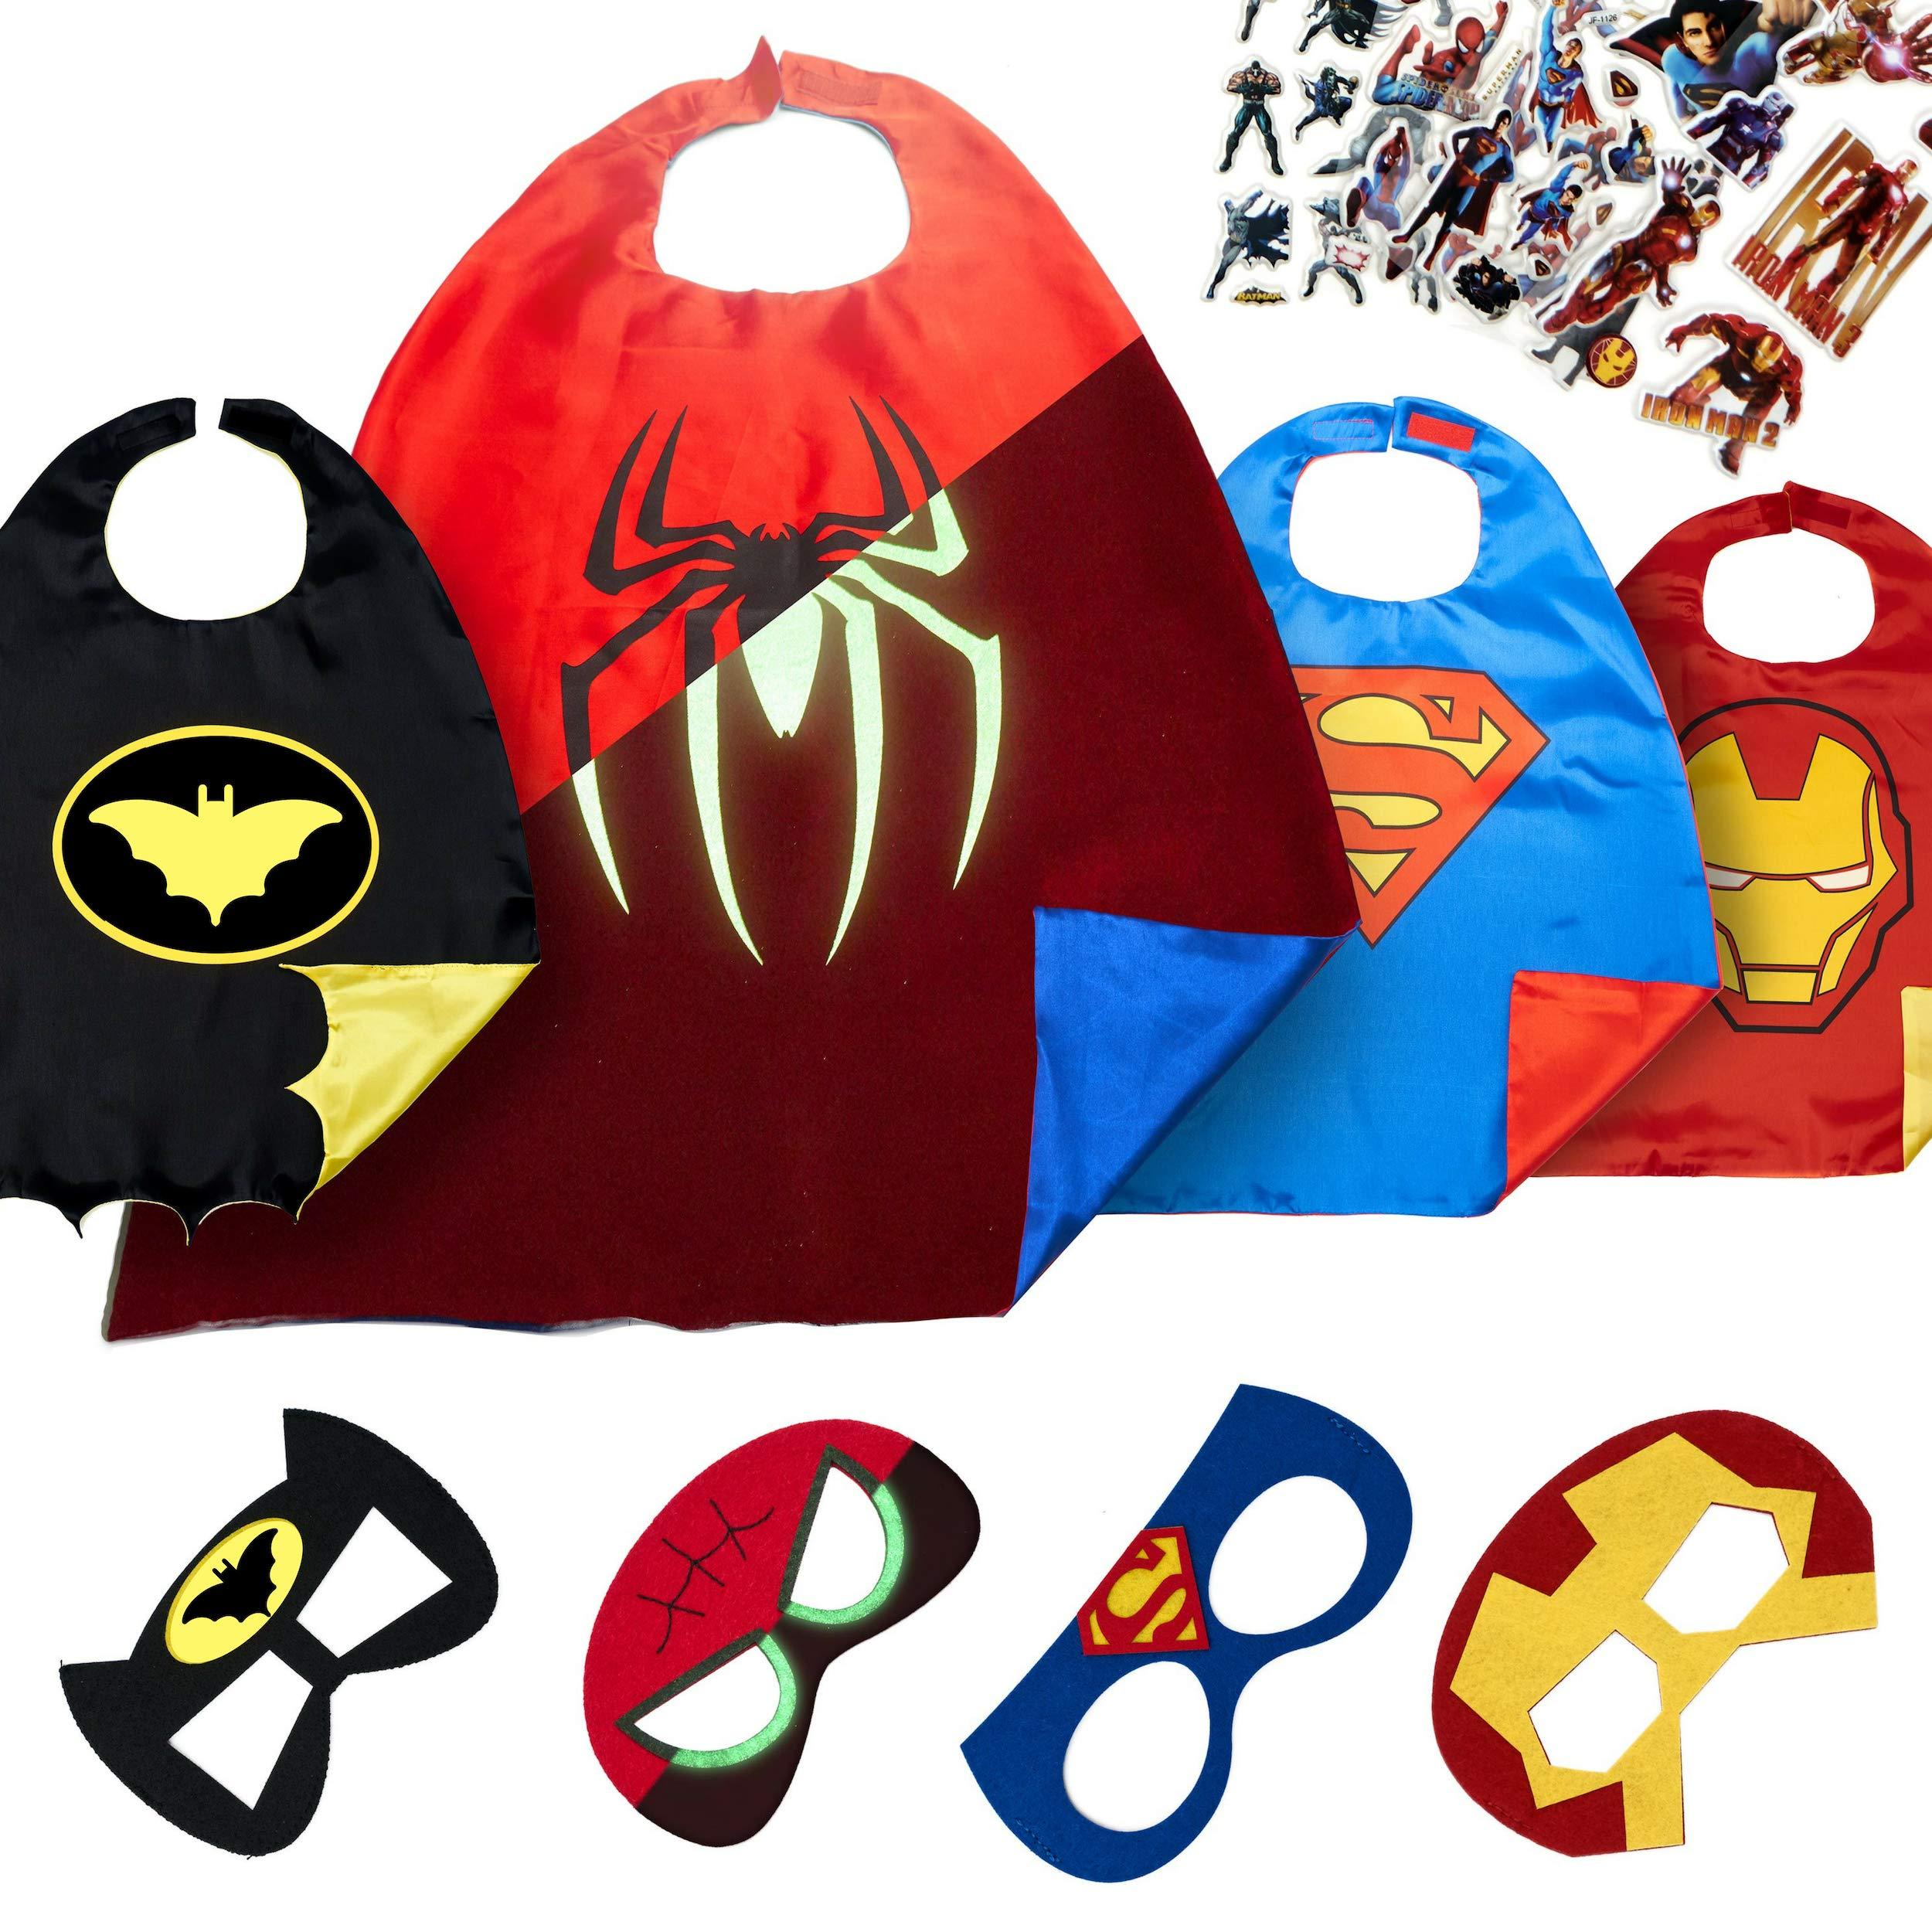 Disfraces de Superhéroes para Niños LAEGENDARY - 4 Capas y Máscaras - Disfraces de Halloween - Logo Brillante de Spiderman - Juguetes para Niños y Niñas product image